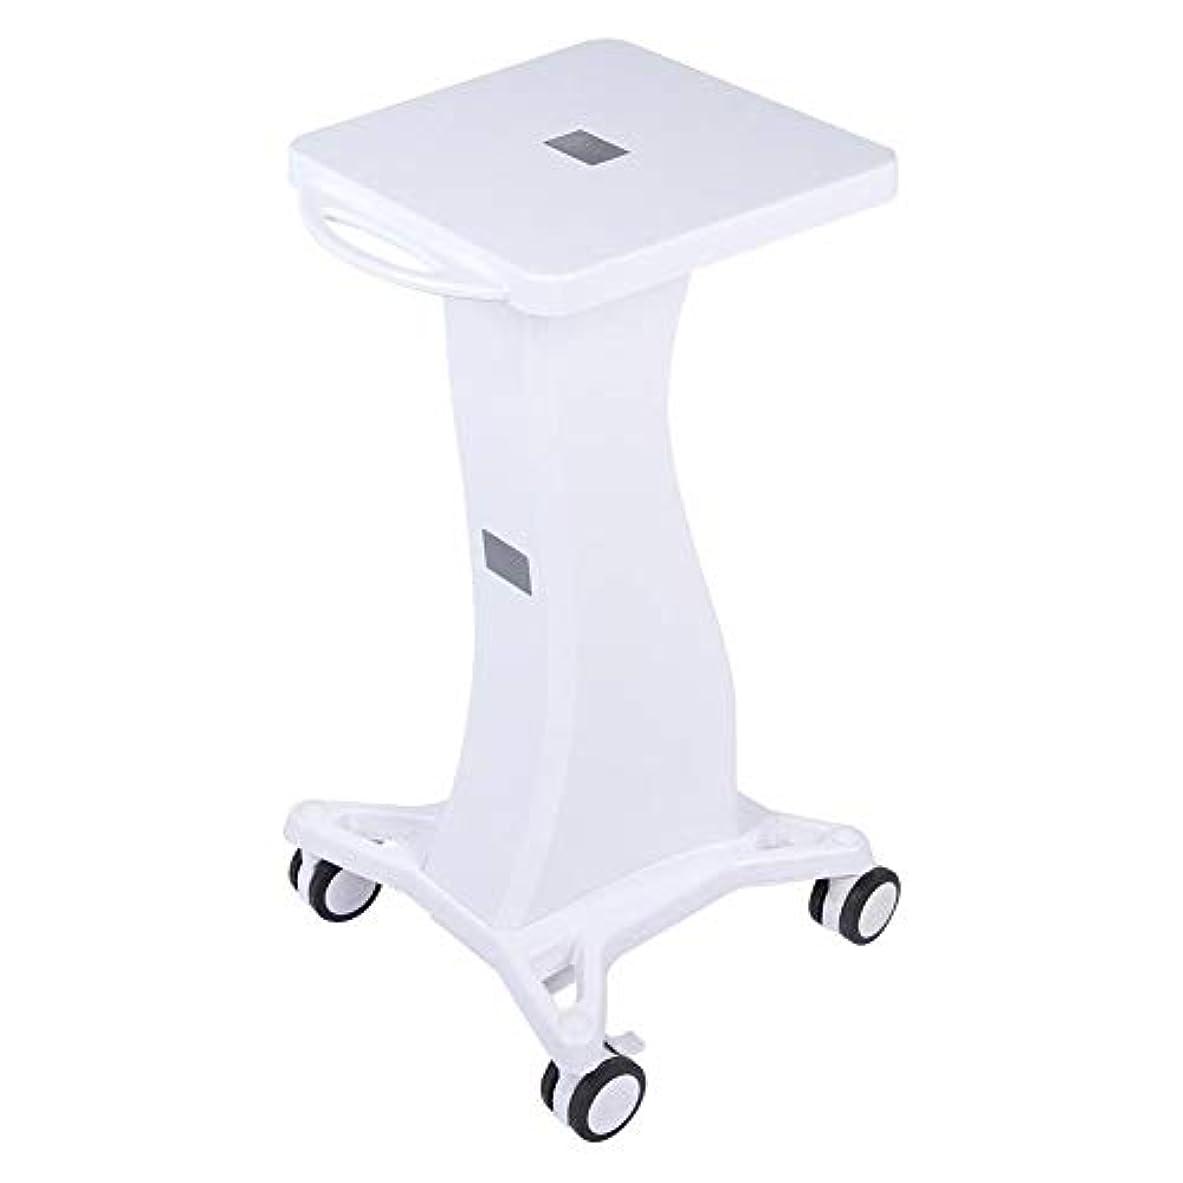 未亡人ビジュアルテーマサロン使用のためのハンドル台座ローリングカートホイールスタンド付き美容トロリー美容ツール